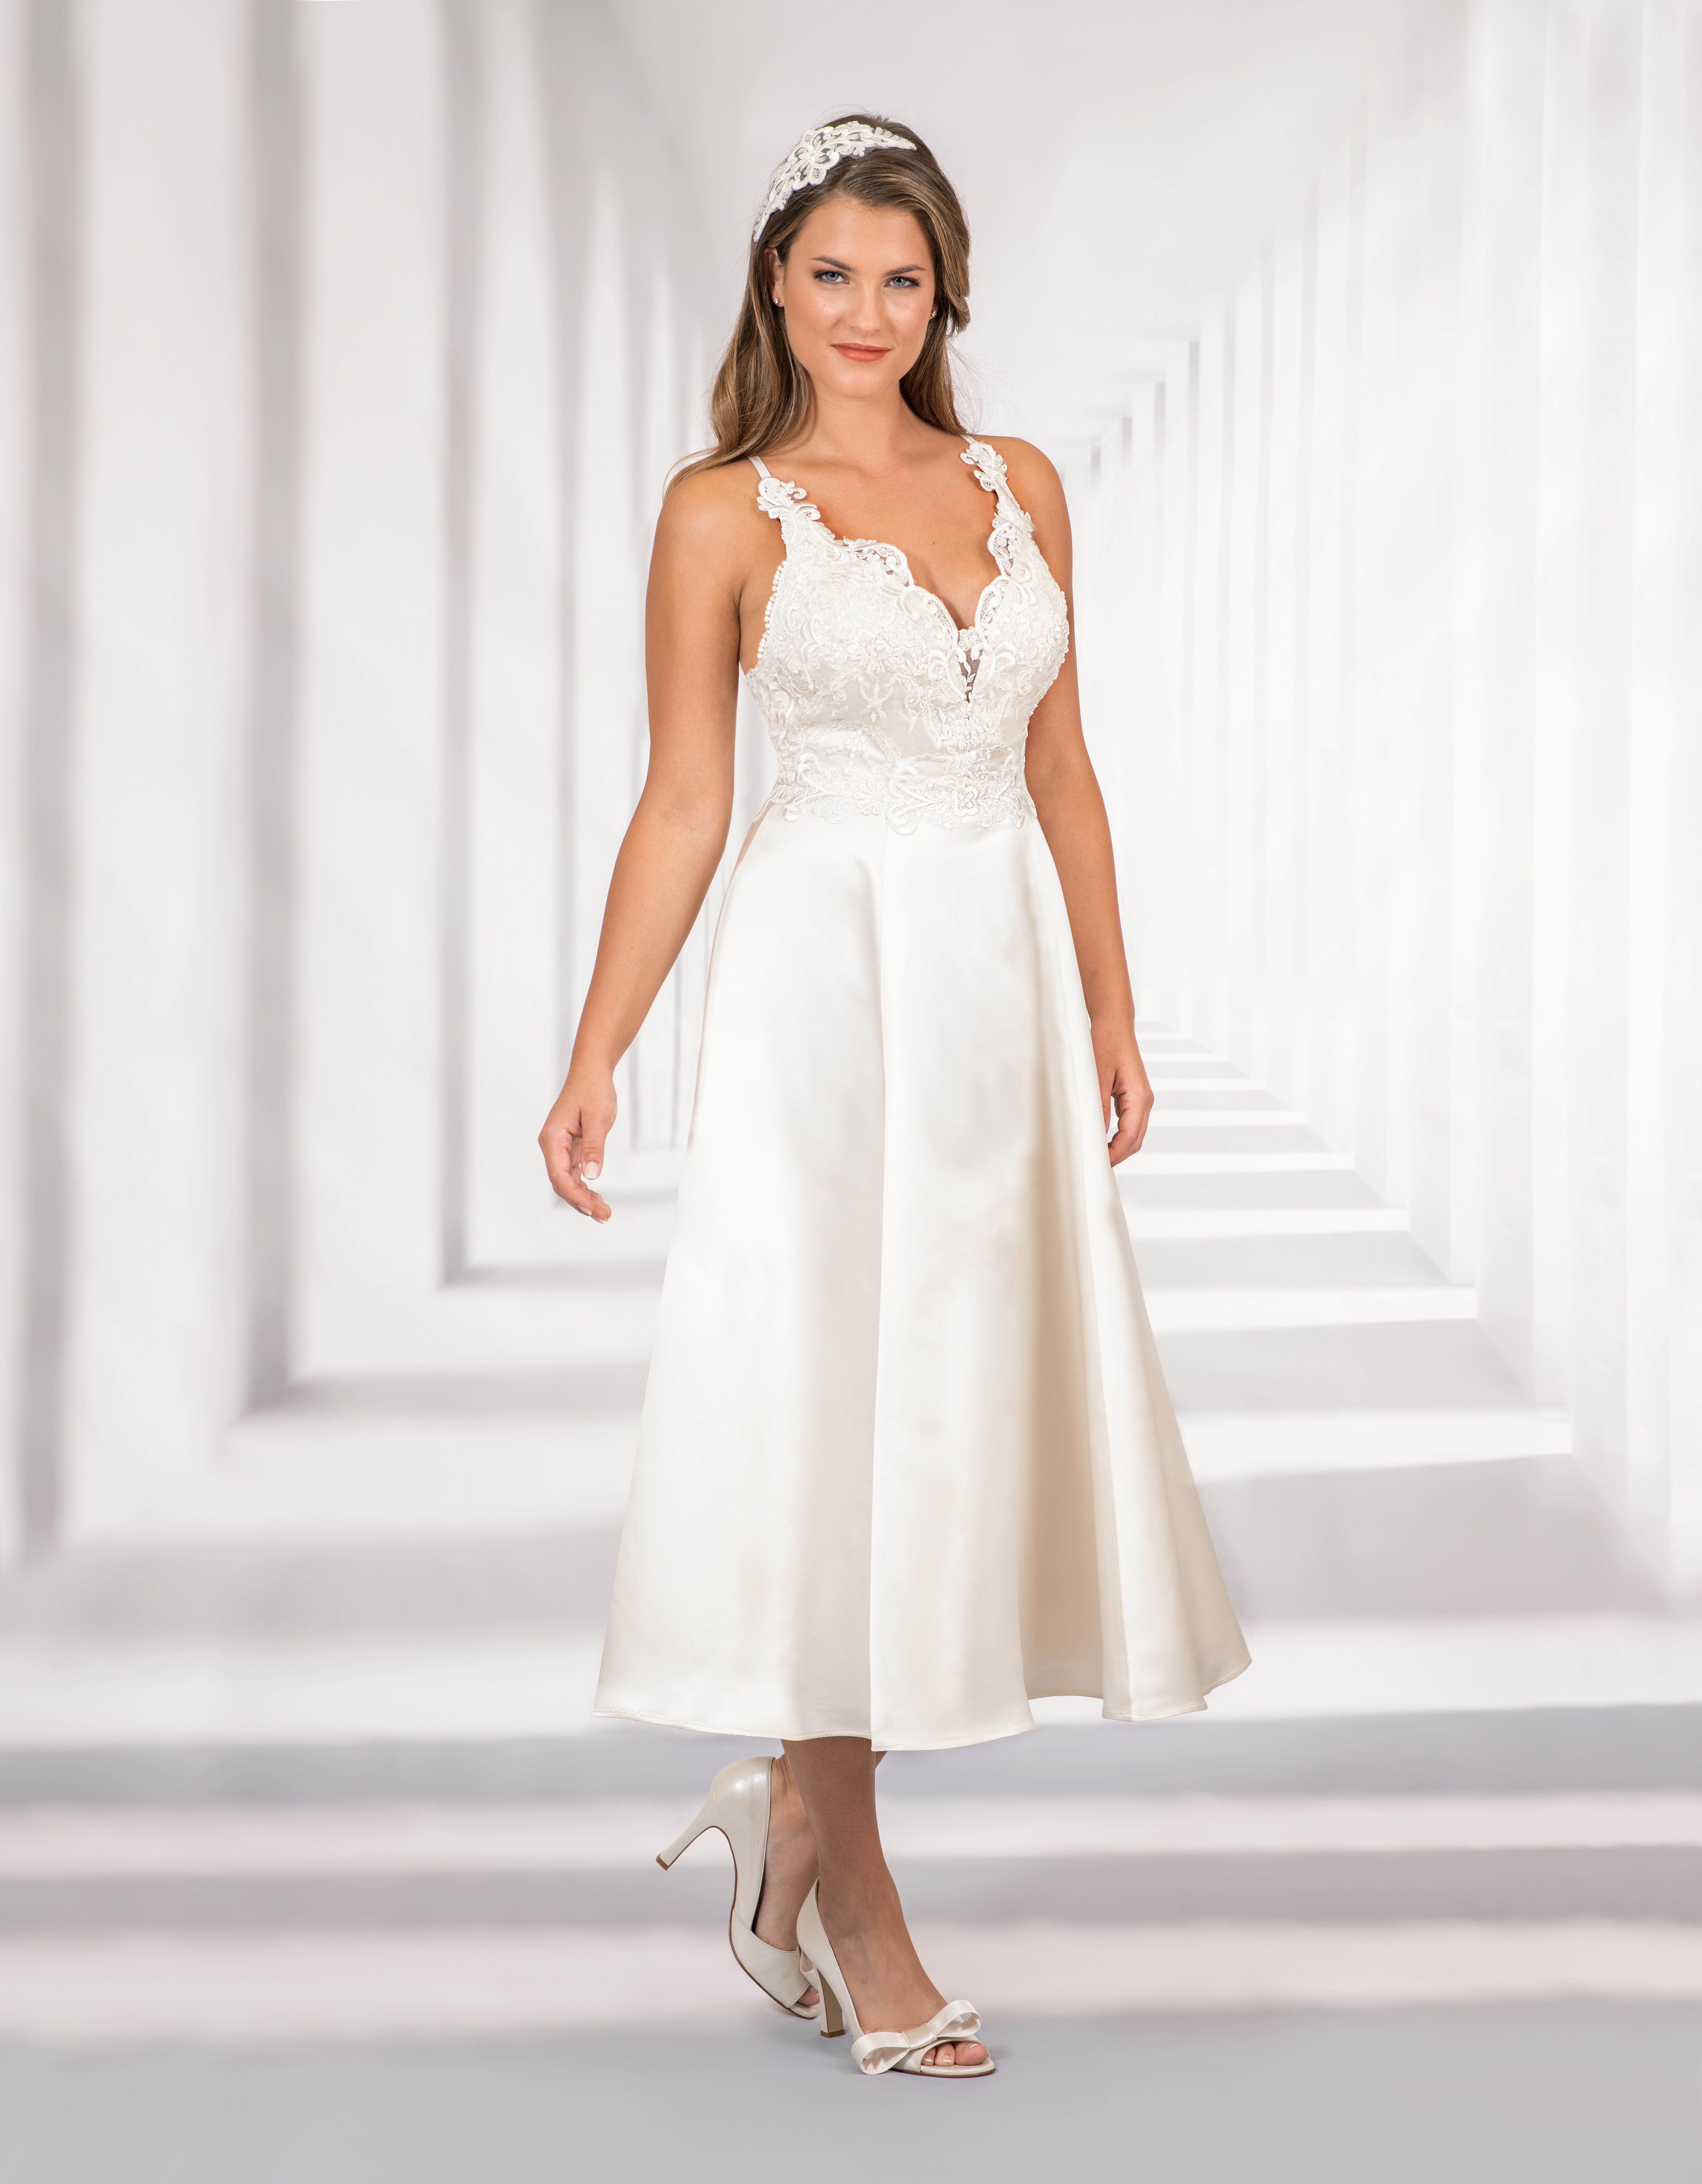 Kurzes Brautkleid mit Spitzenoberteil und tiefem Ausschnitt